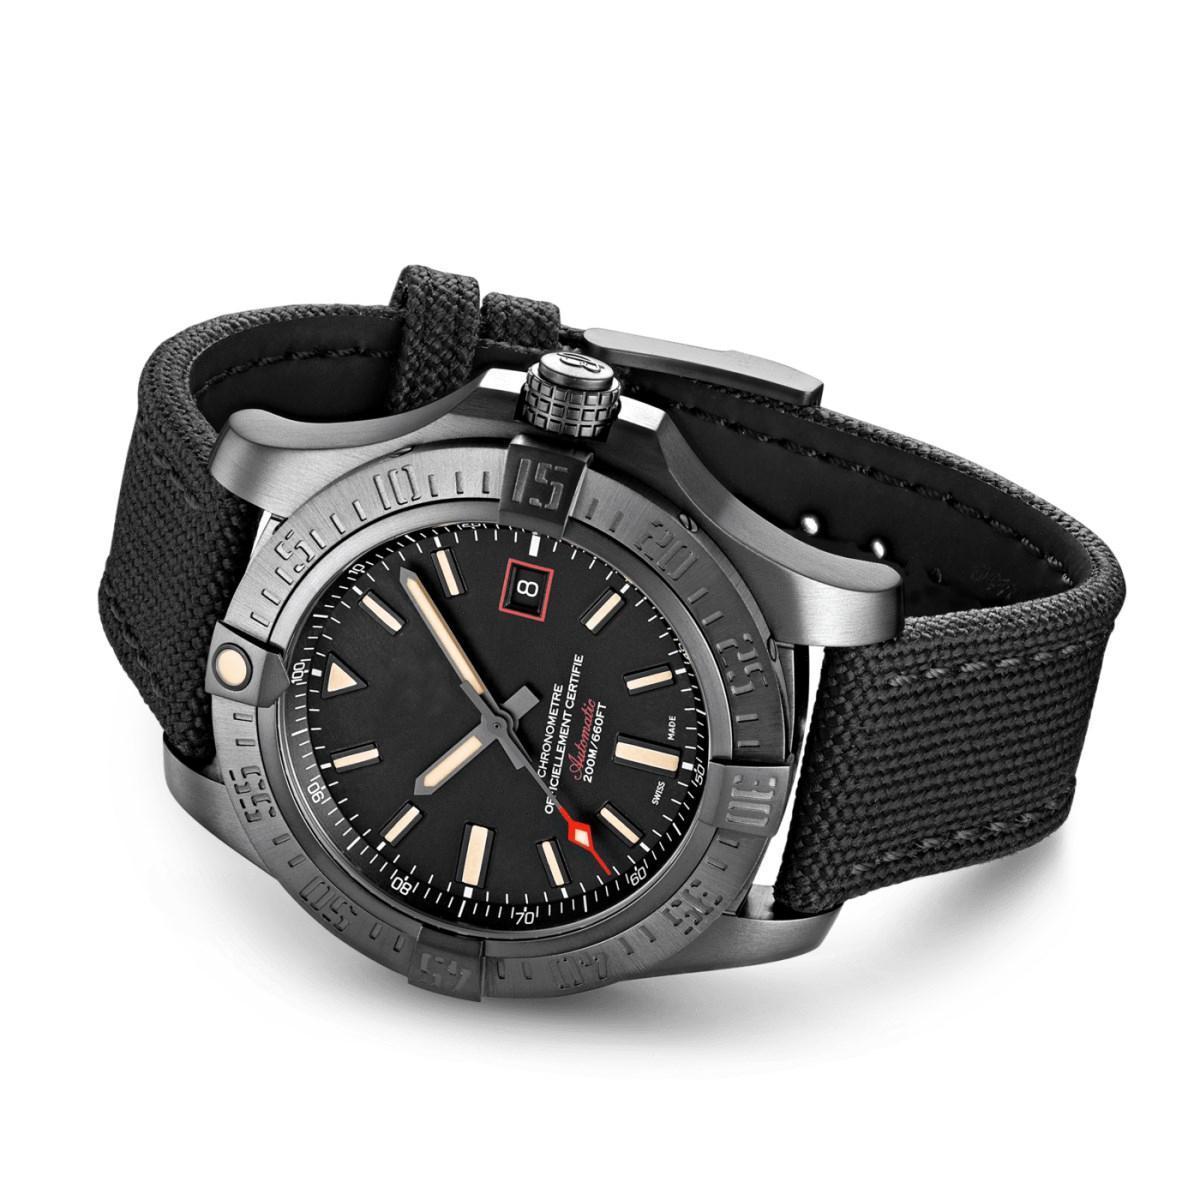 Hochwertige heiße Verkaufsuhren Männer Military Uhr gelb Avenger Seawolf automatische mechanische Uhr der Männer Kleid Armbanduhren CAL.1 FVyX #